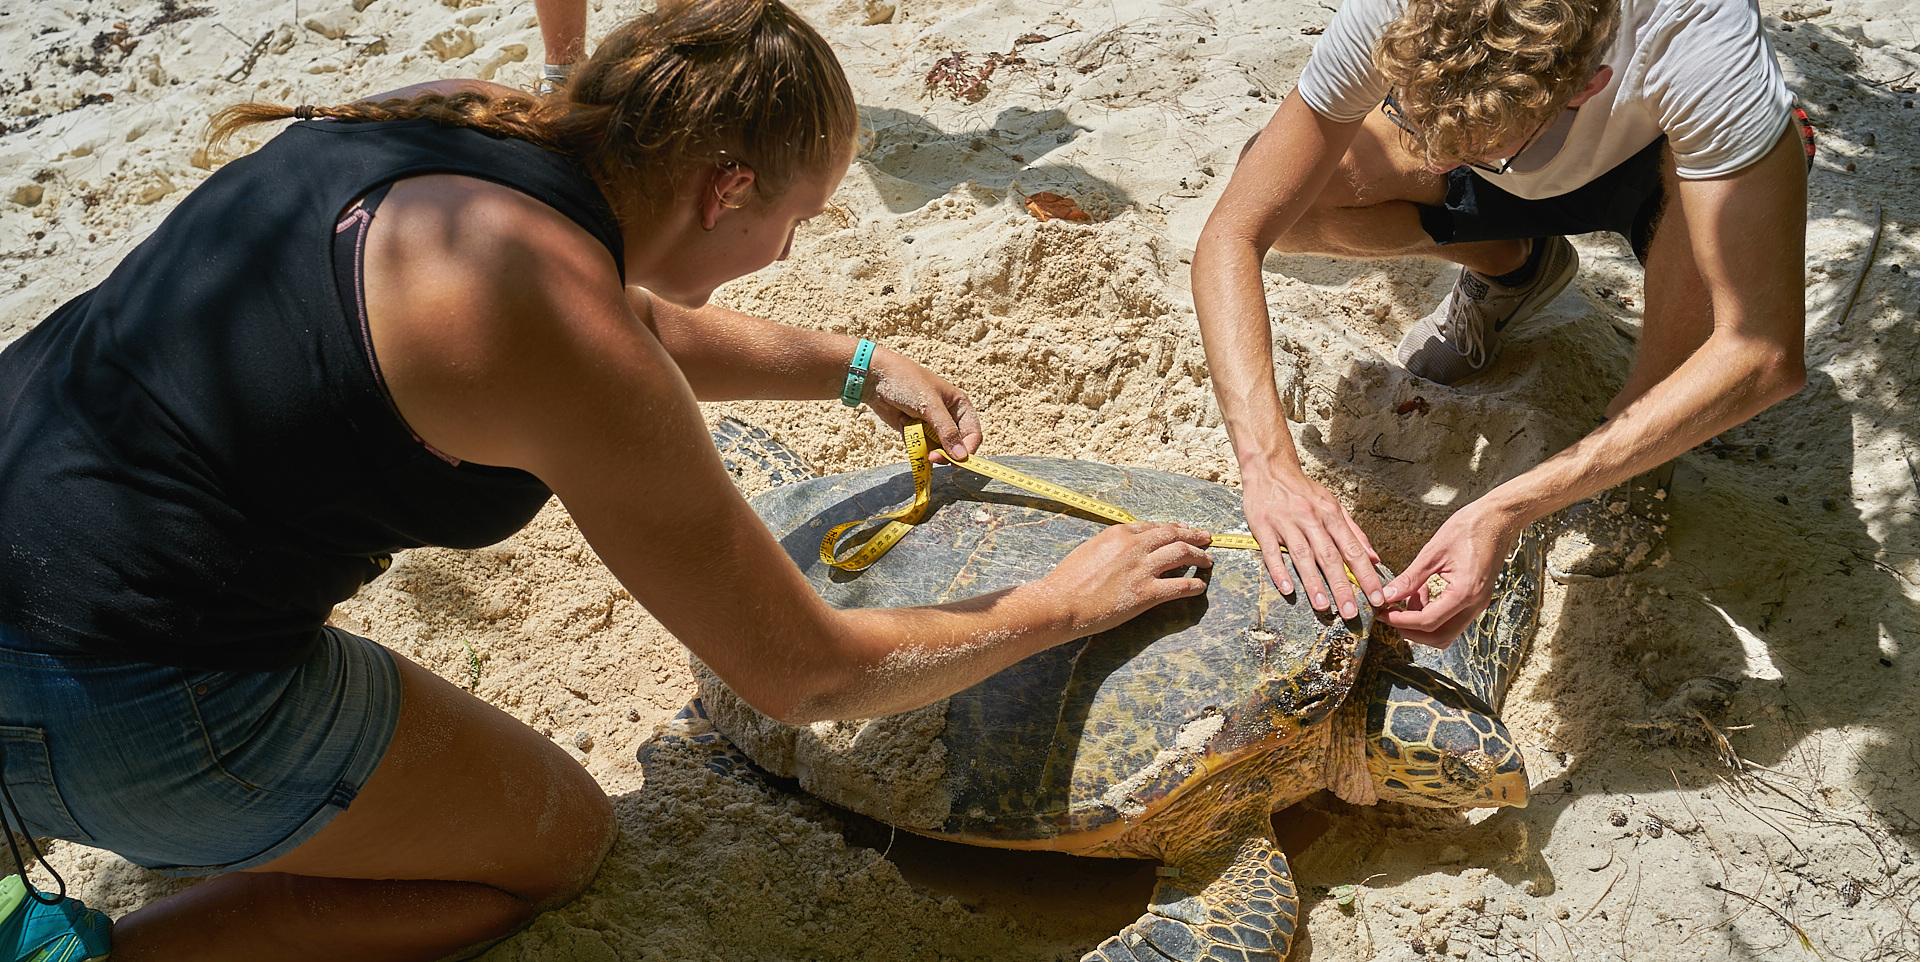 volunteer holidays with animals